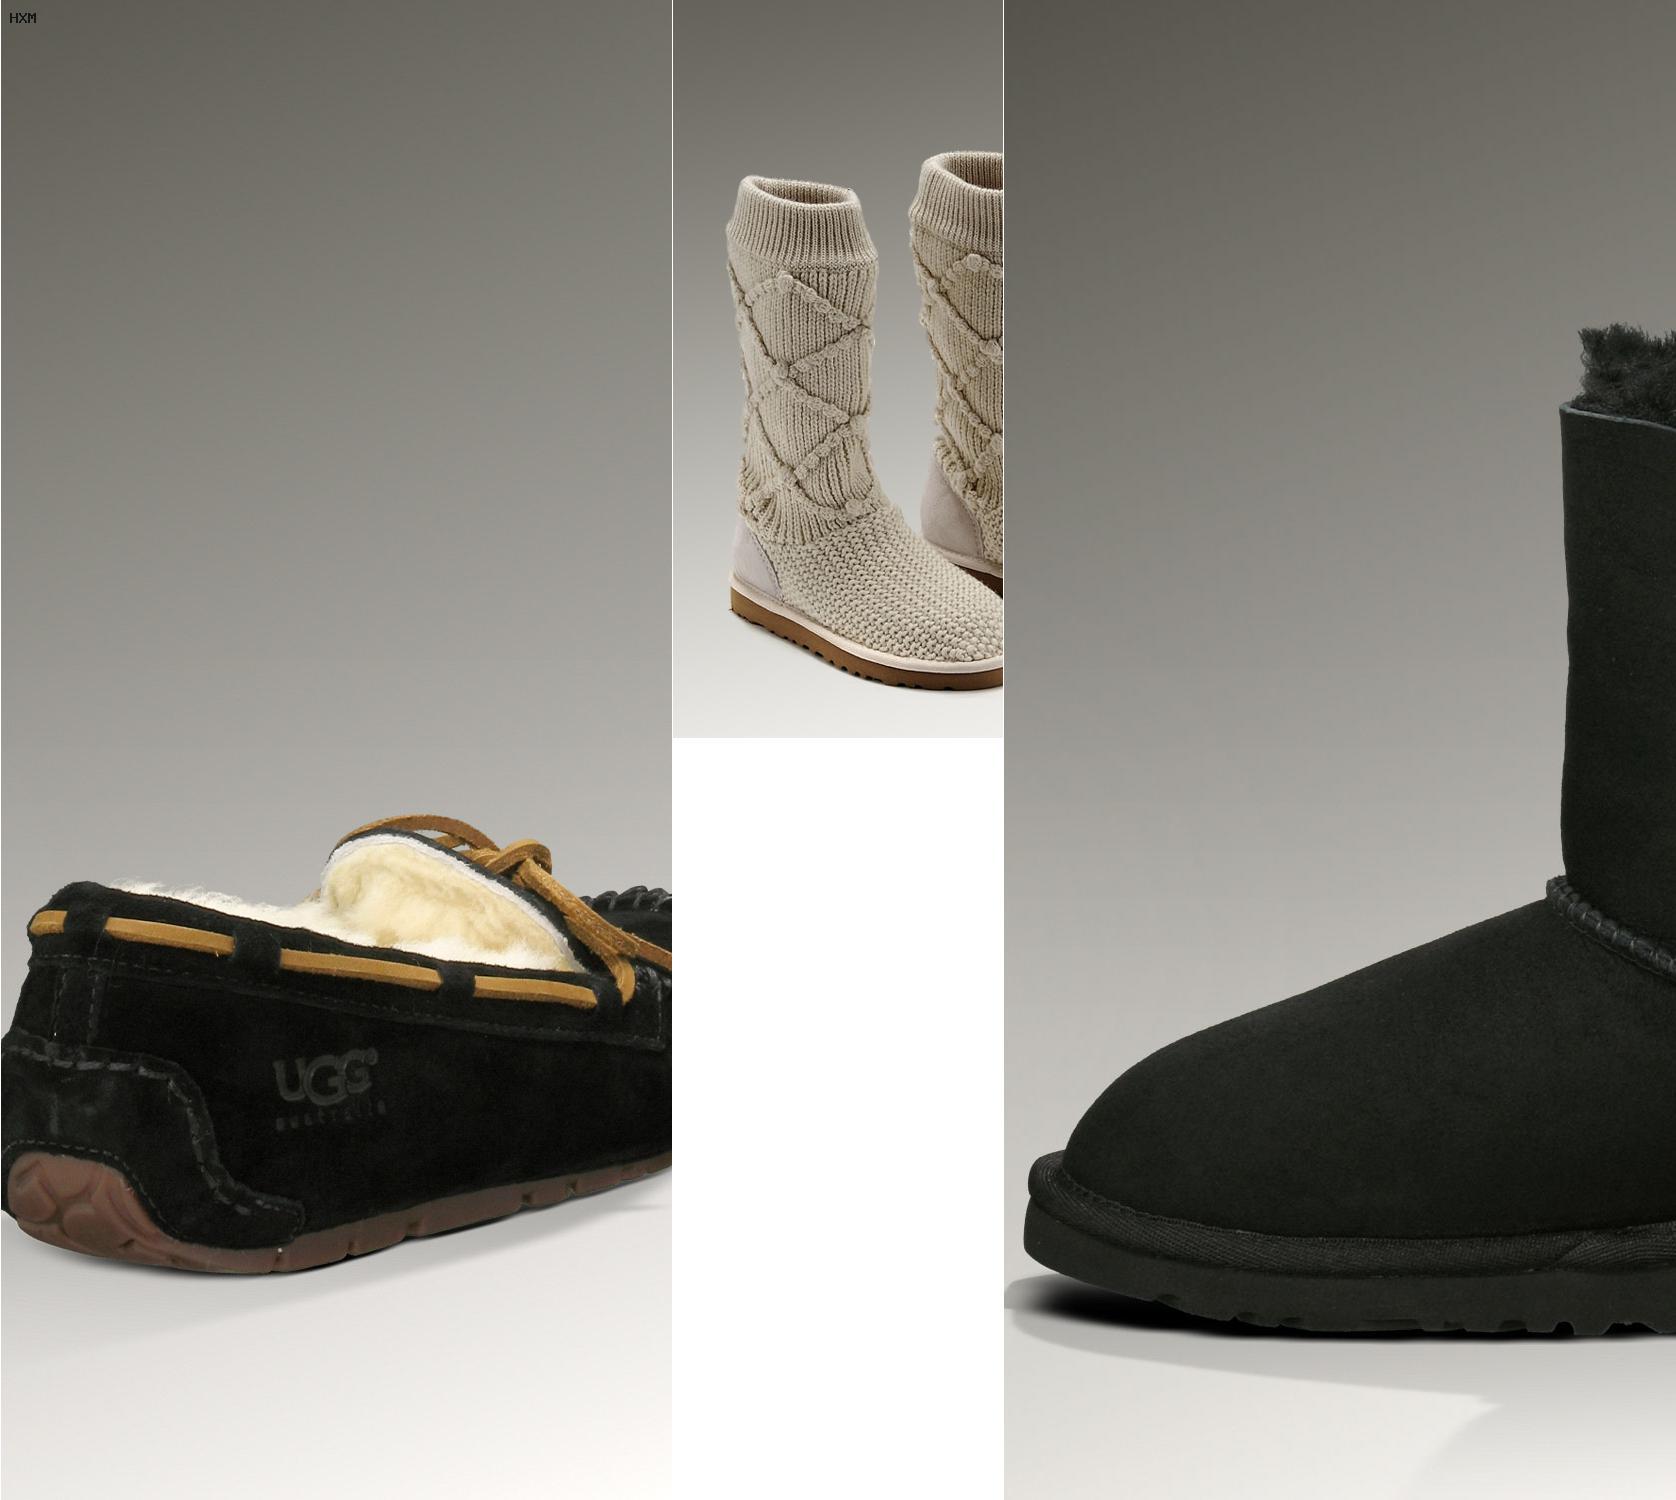 donde puedo comprar botas ugg en bogota